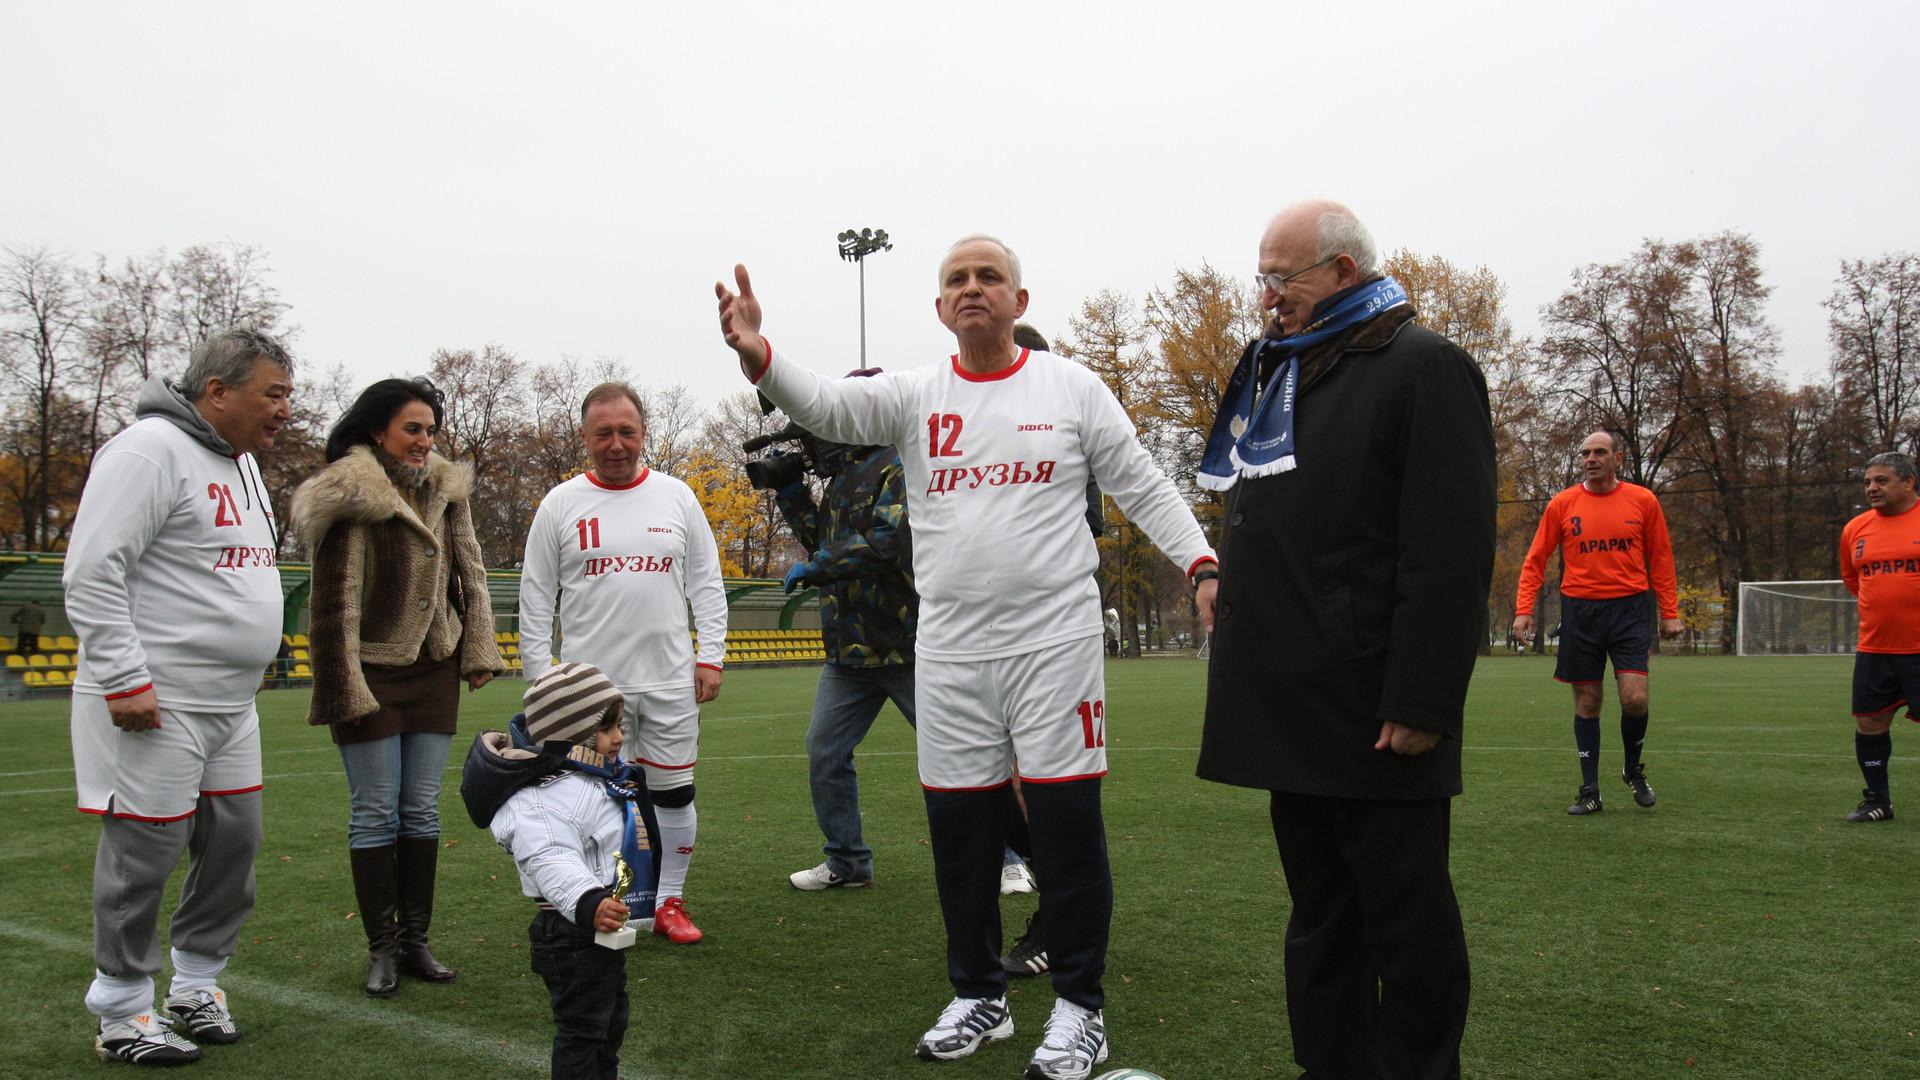 Mirzoyan-veteran4.JPG